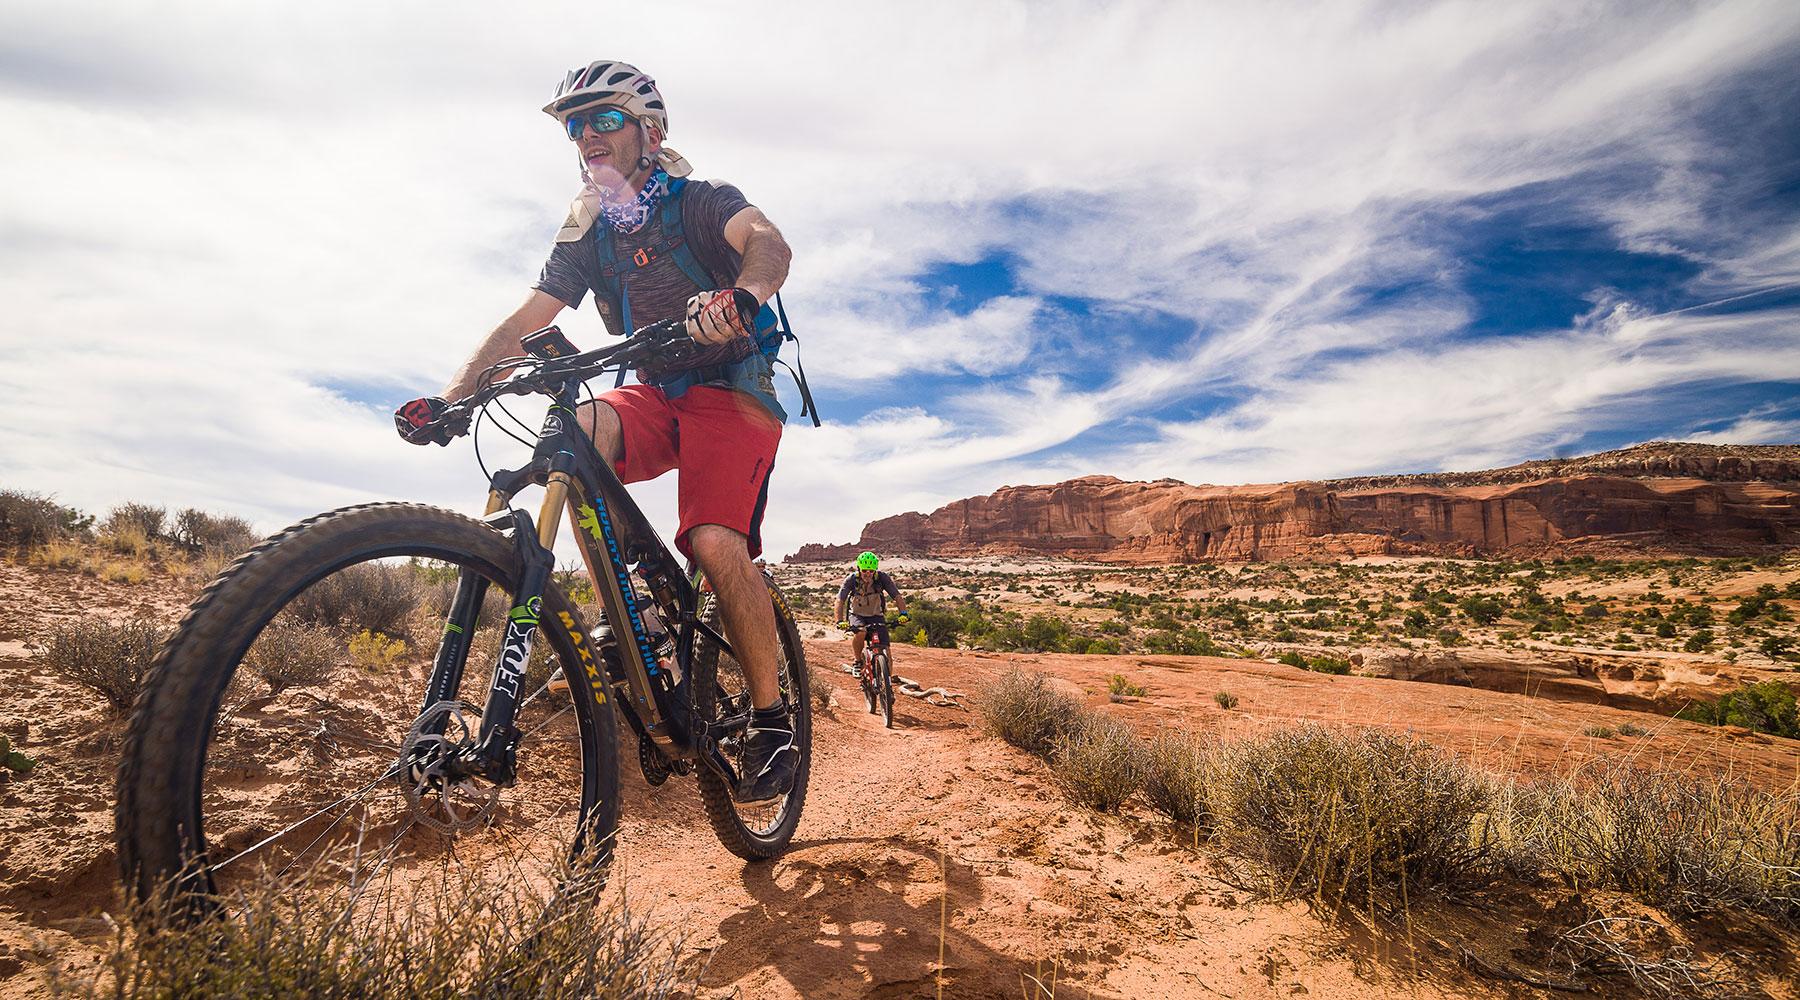 Moab, vtt, vélo de montagne, chinook, voyages, aventure, vacances, mountain bike